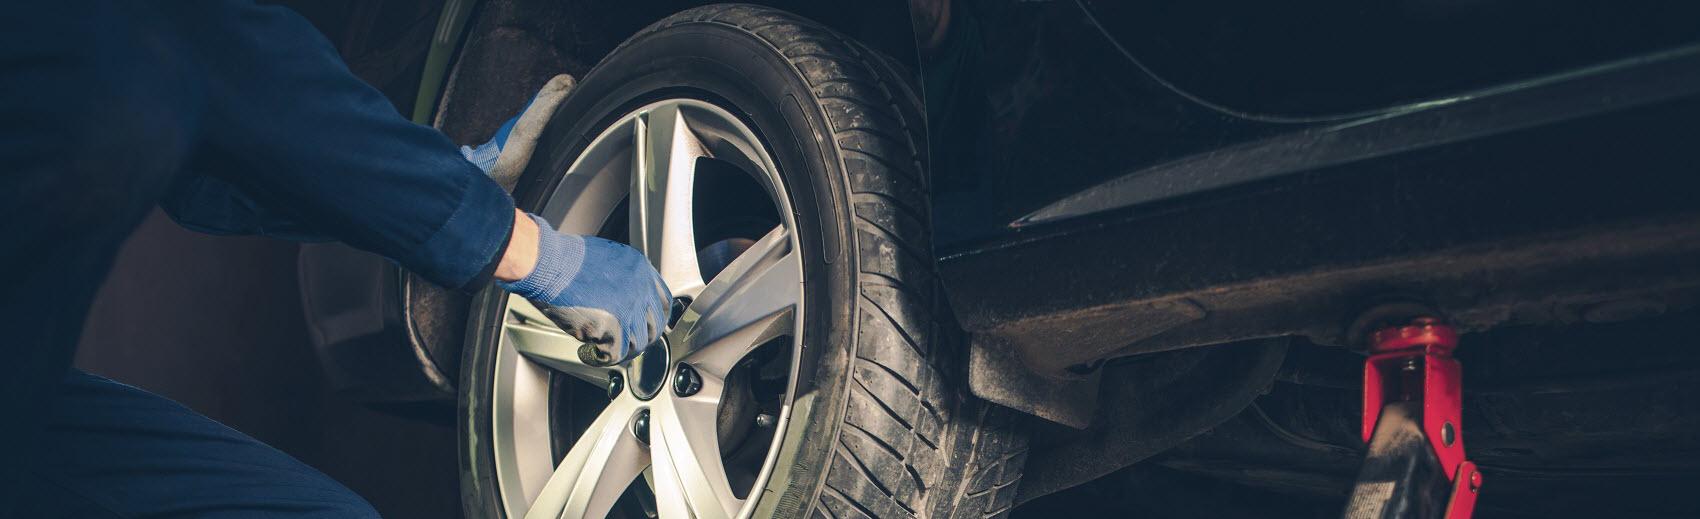 Tire Center   Waycross, GA